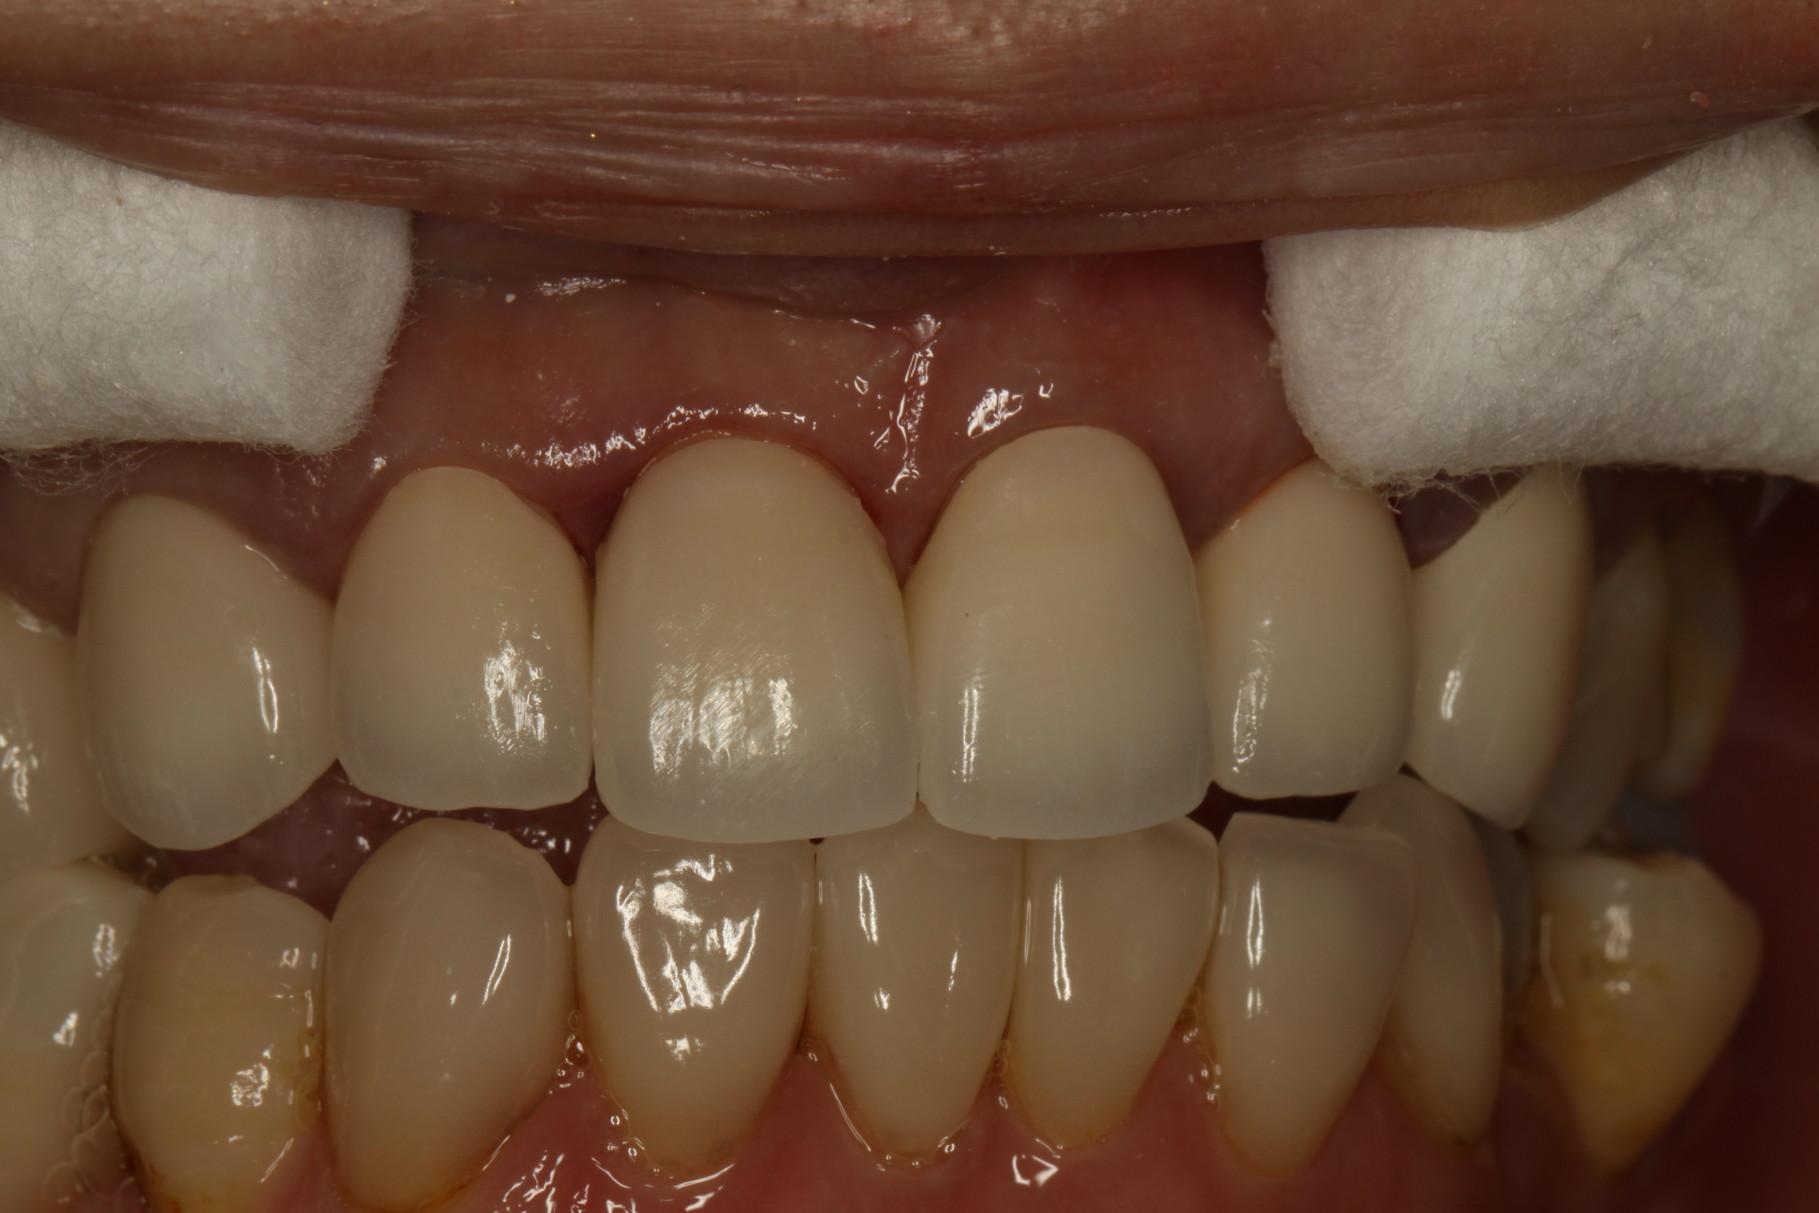 差し歯を口の中に入れて透明感のバランスを見ます。